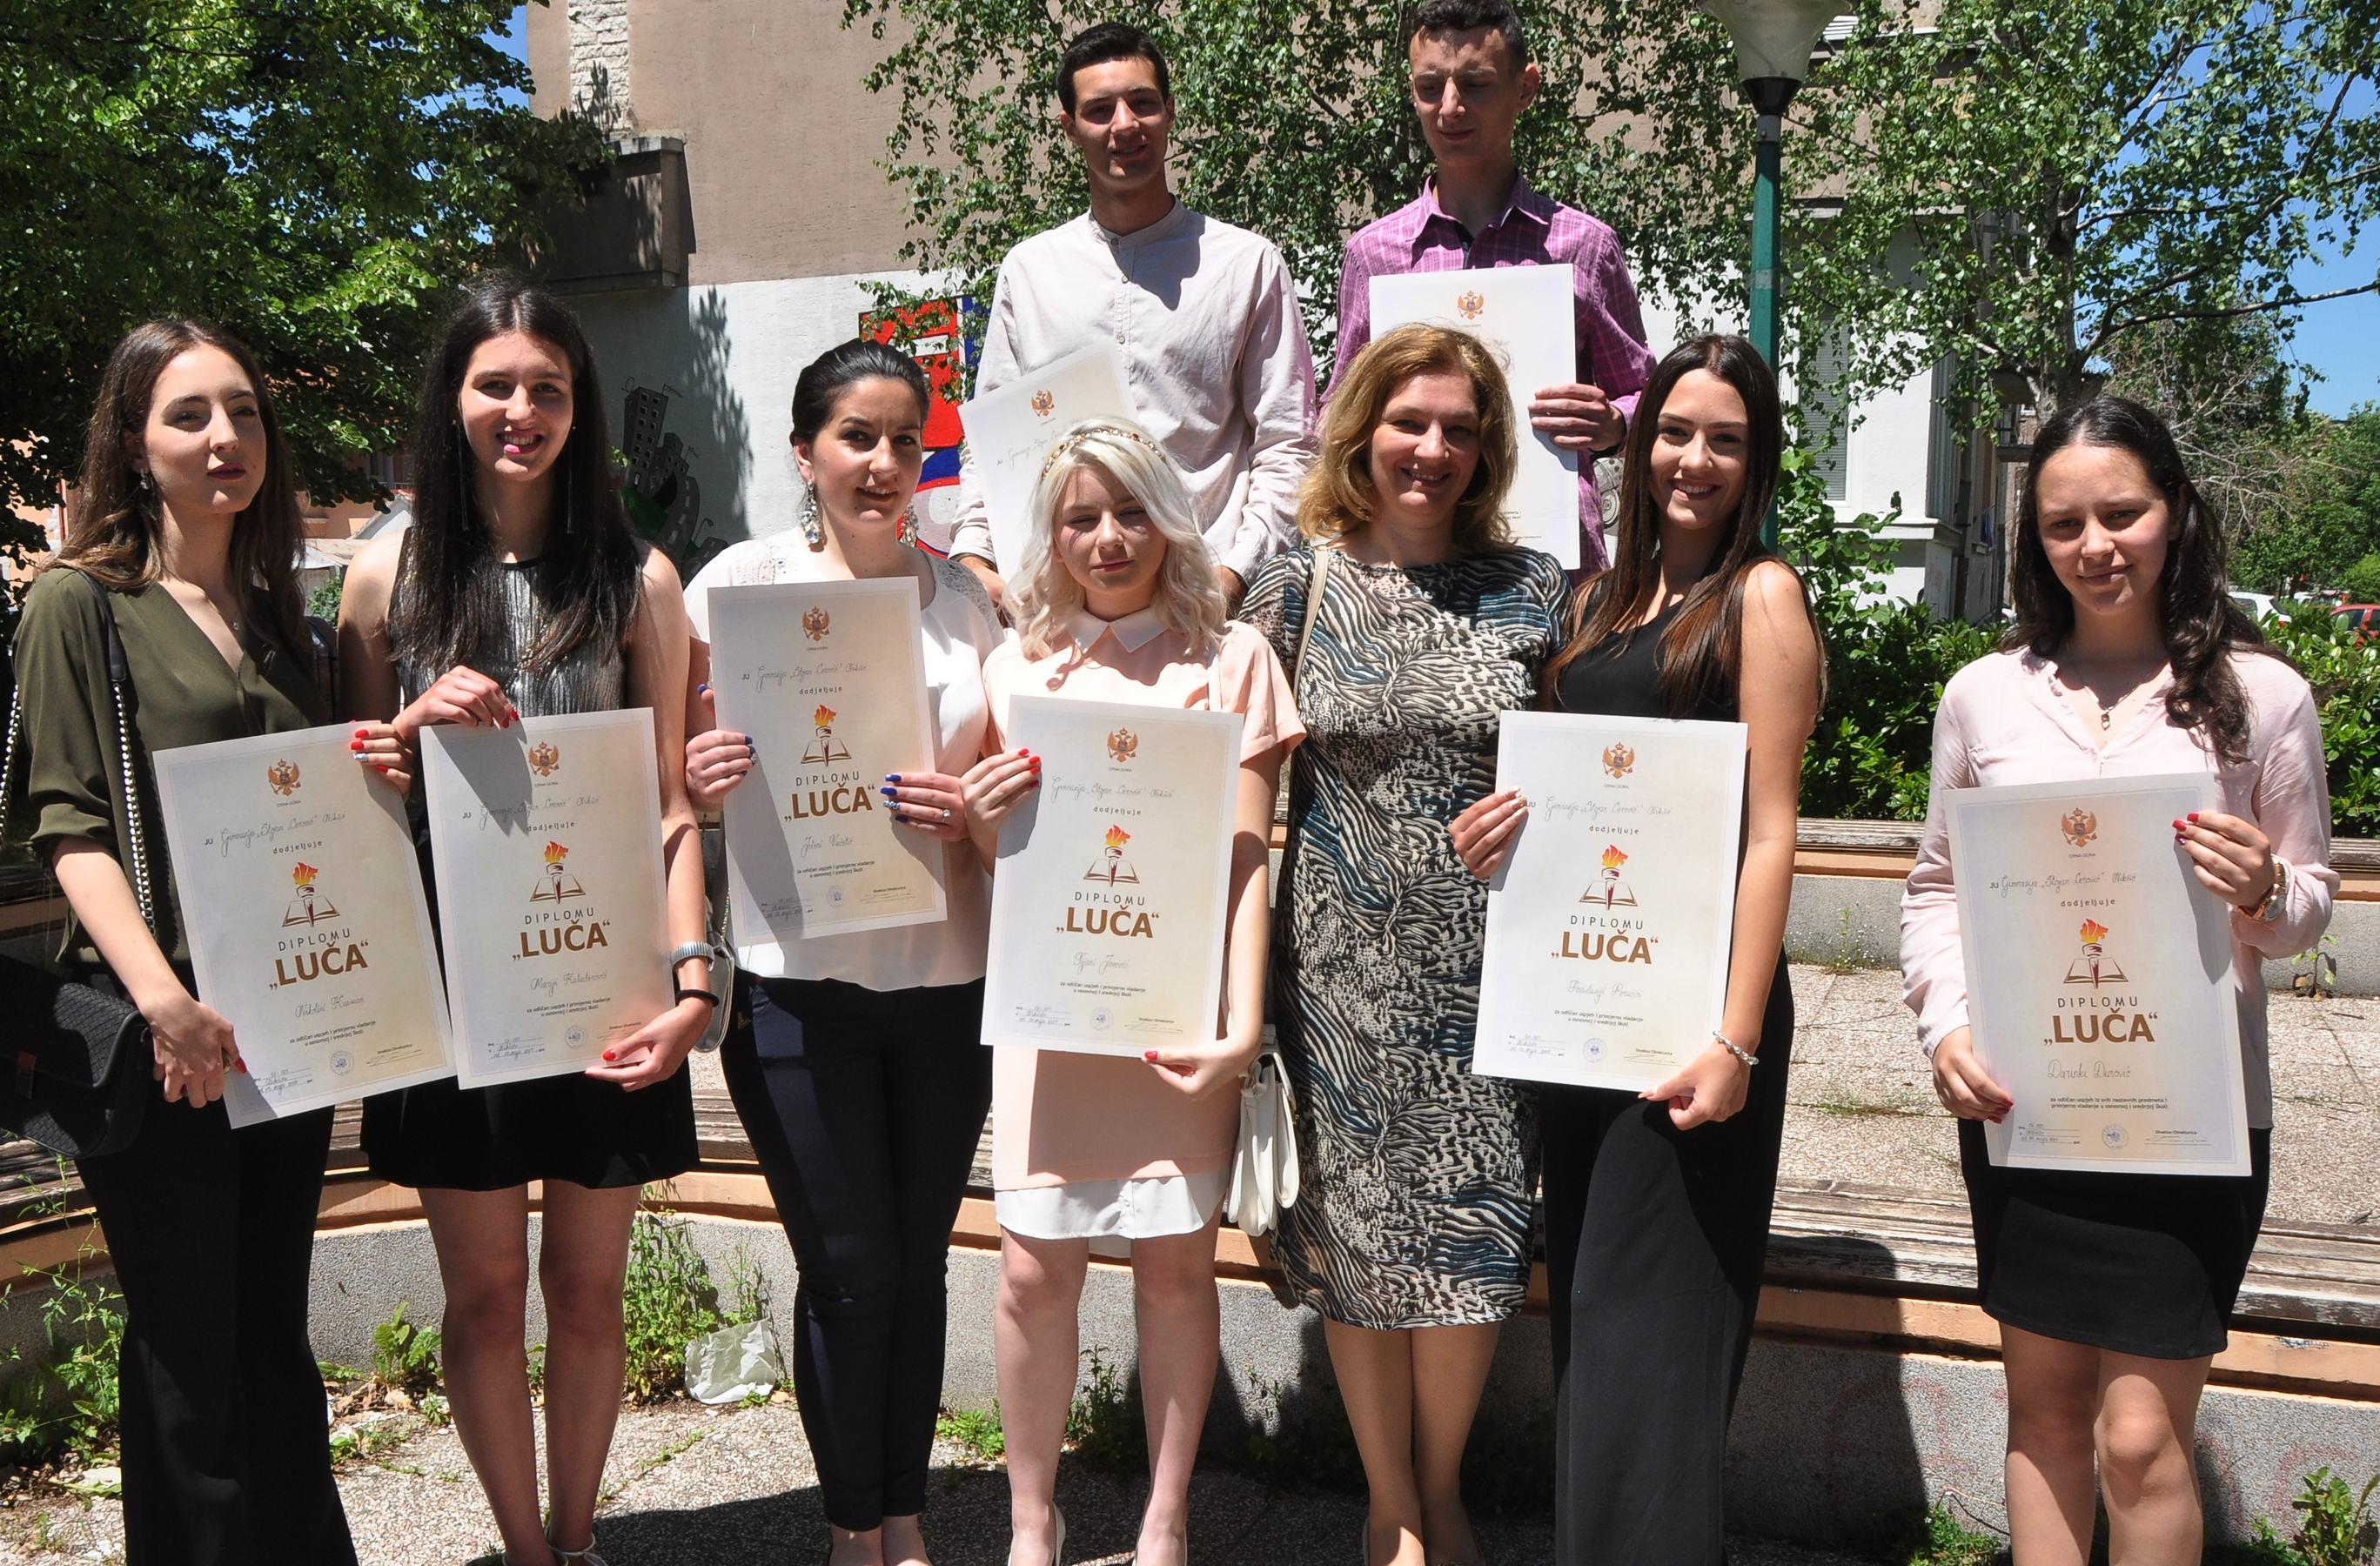 Gimnazijalcima dodijeljene diplome Luča